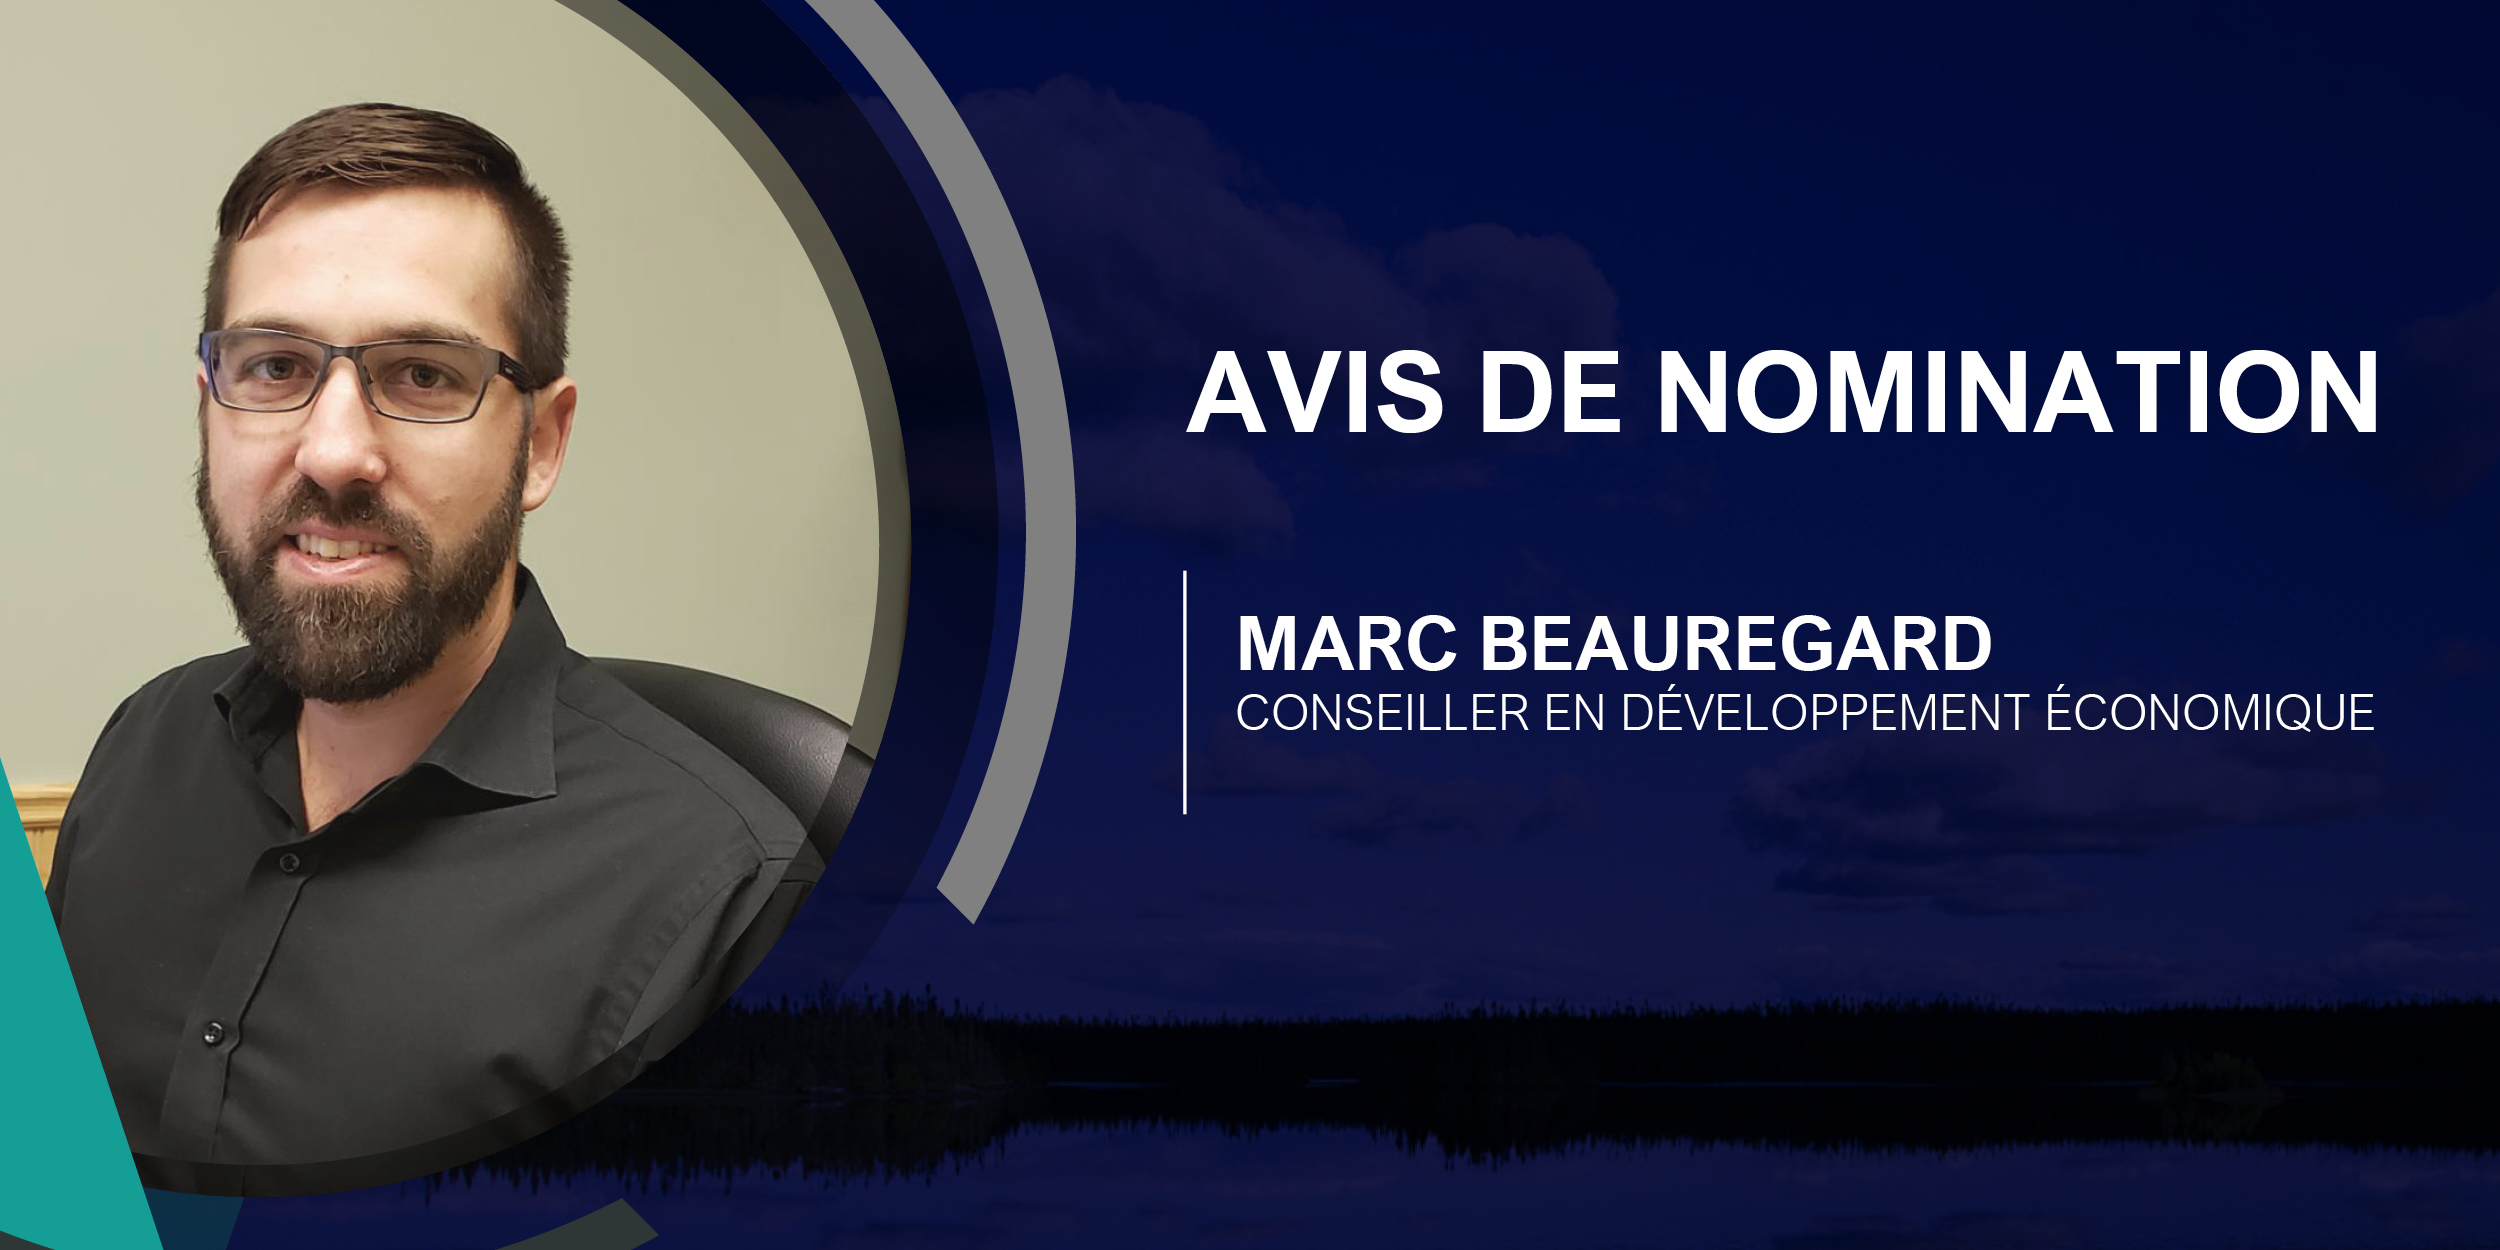 En-tête Avis de nomination Marc Beauregard